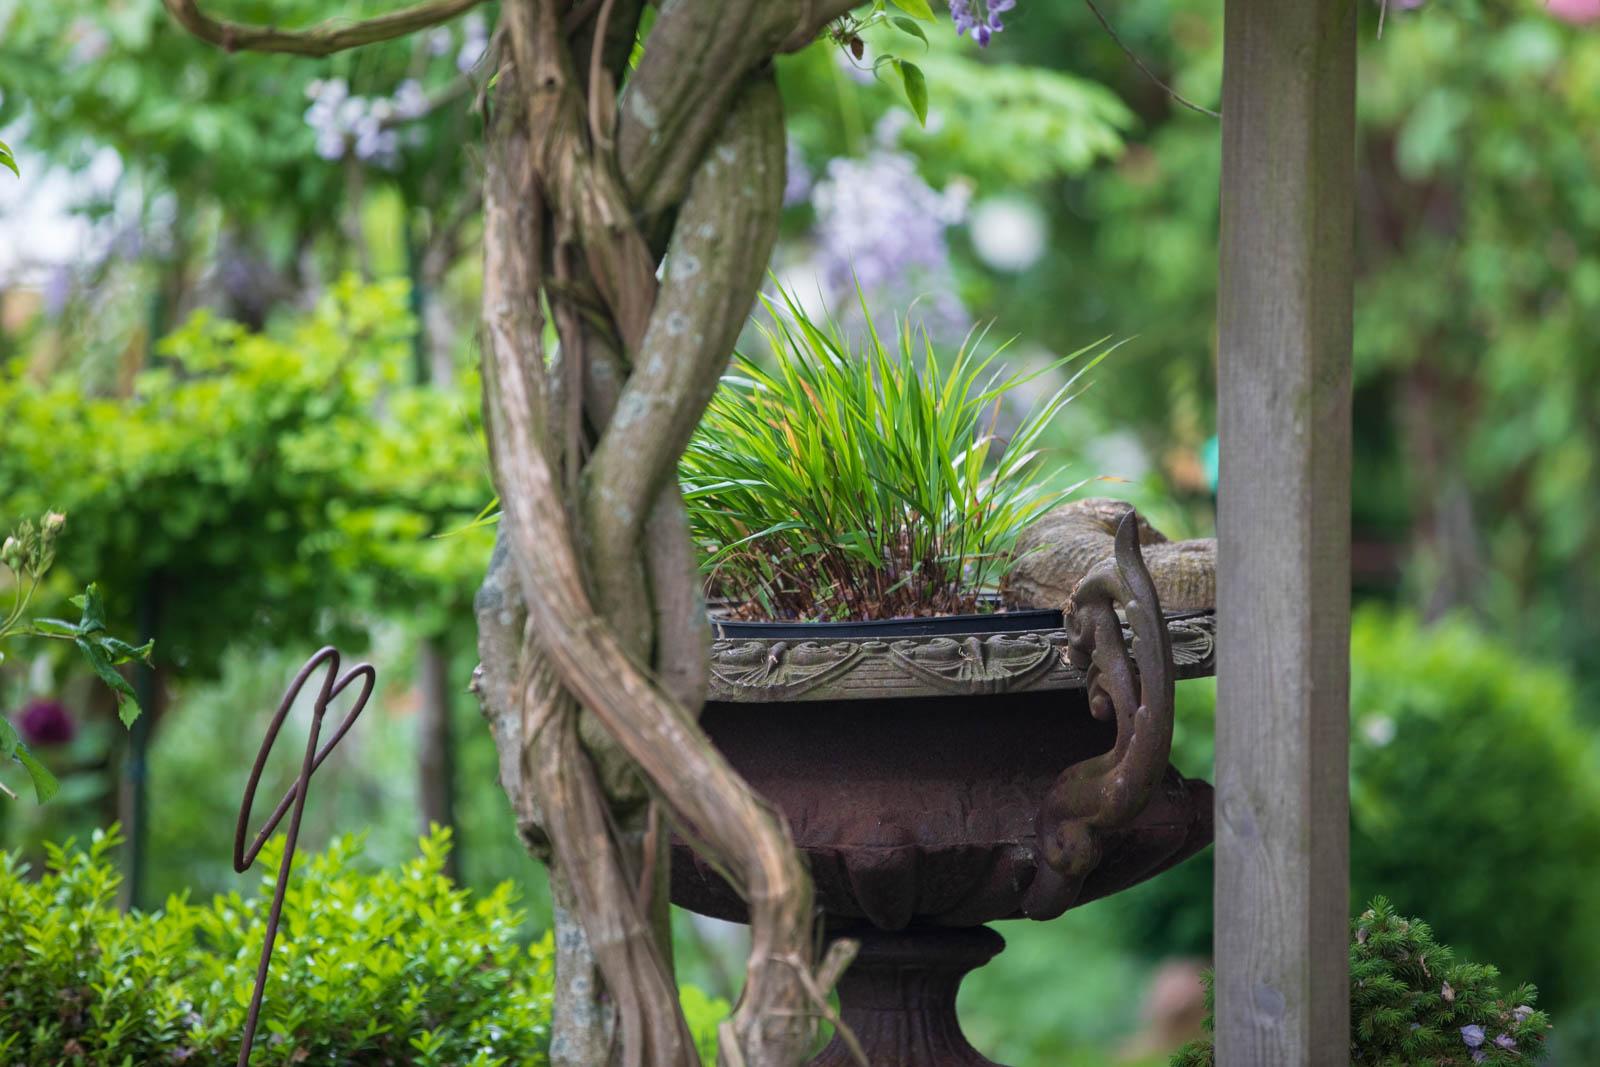 Garten Astrid Guhl, Rosenparadies, Wilhelmshaven, Ostfriesland